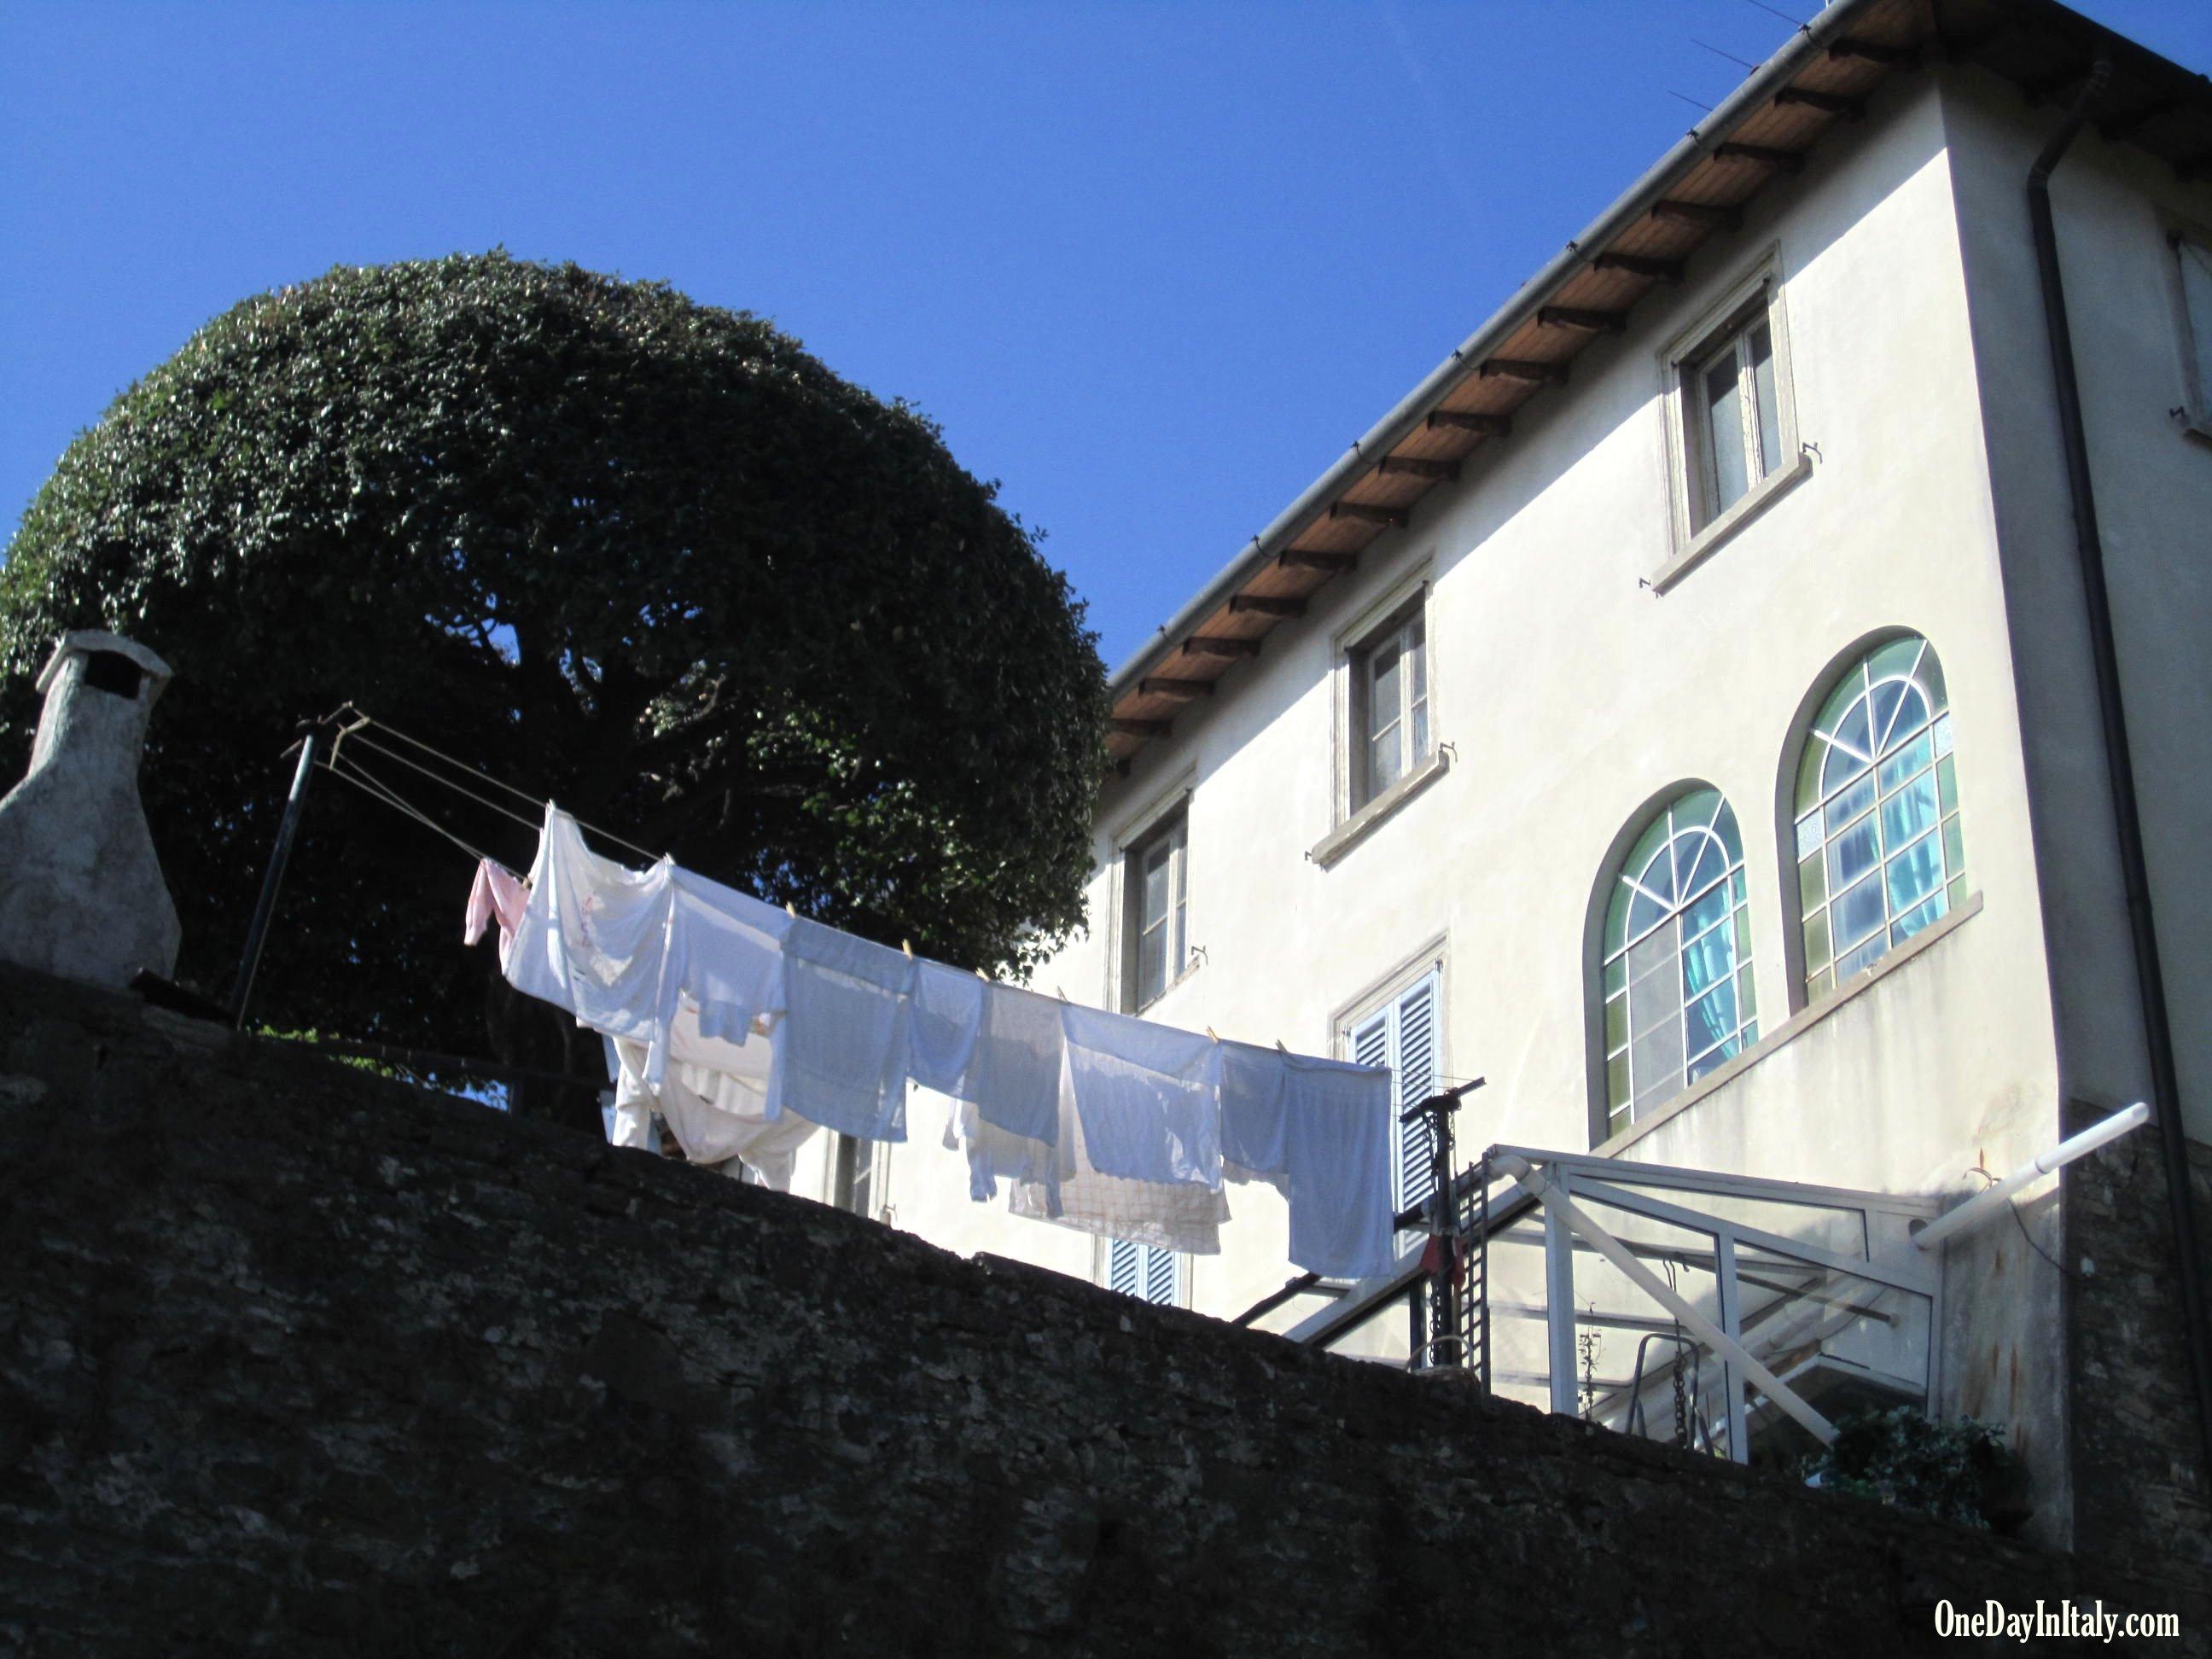 San Vigilio, above Bergamo